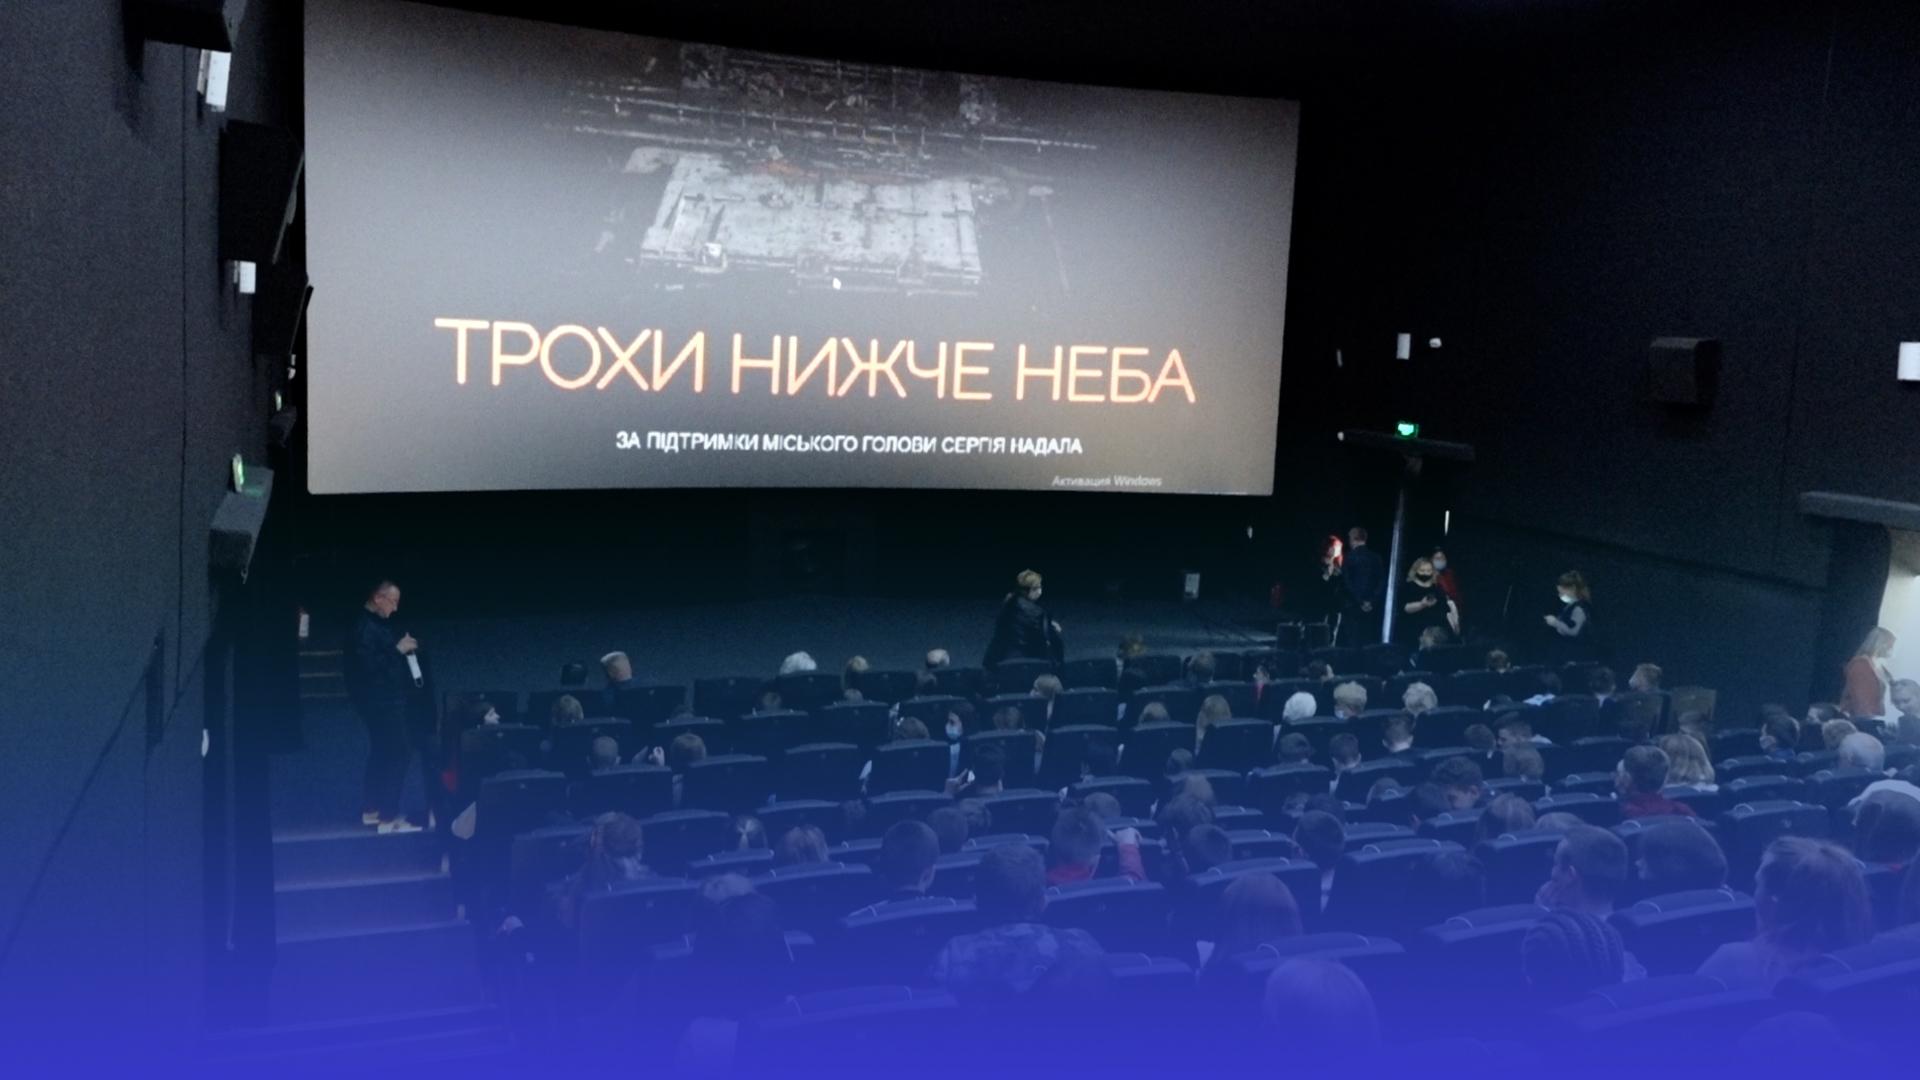 Фільм про чотирьох кіборгів: у Тернополі показали документальну стрічку «Трохи нижче неба»